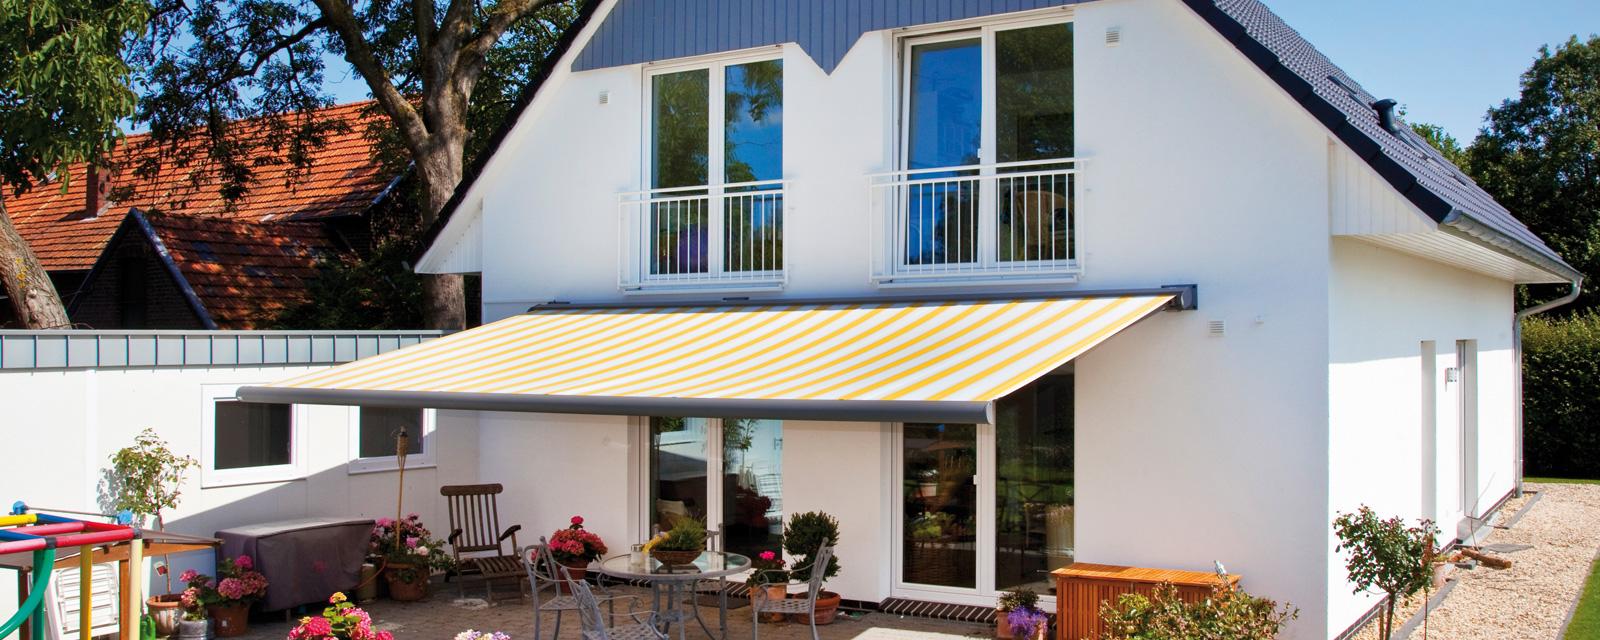 Markise Und Der Richtige Sonnenschutz Für Ihr Haus